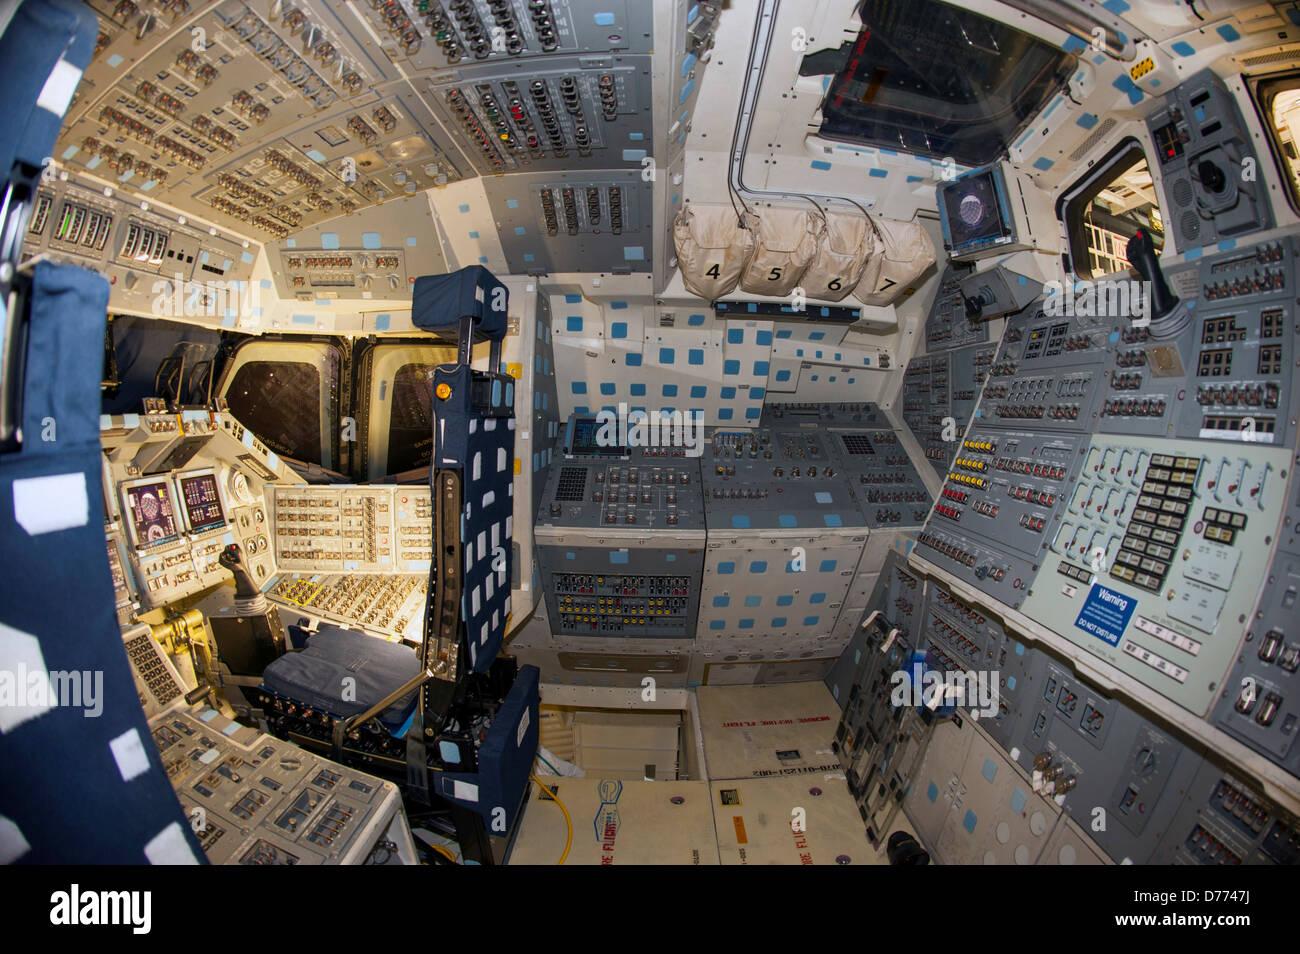 boeing spacecraft cockpits - photo #37